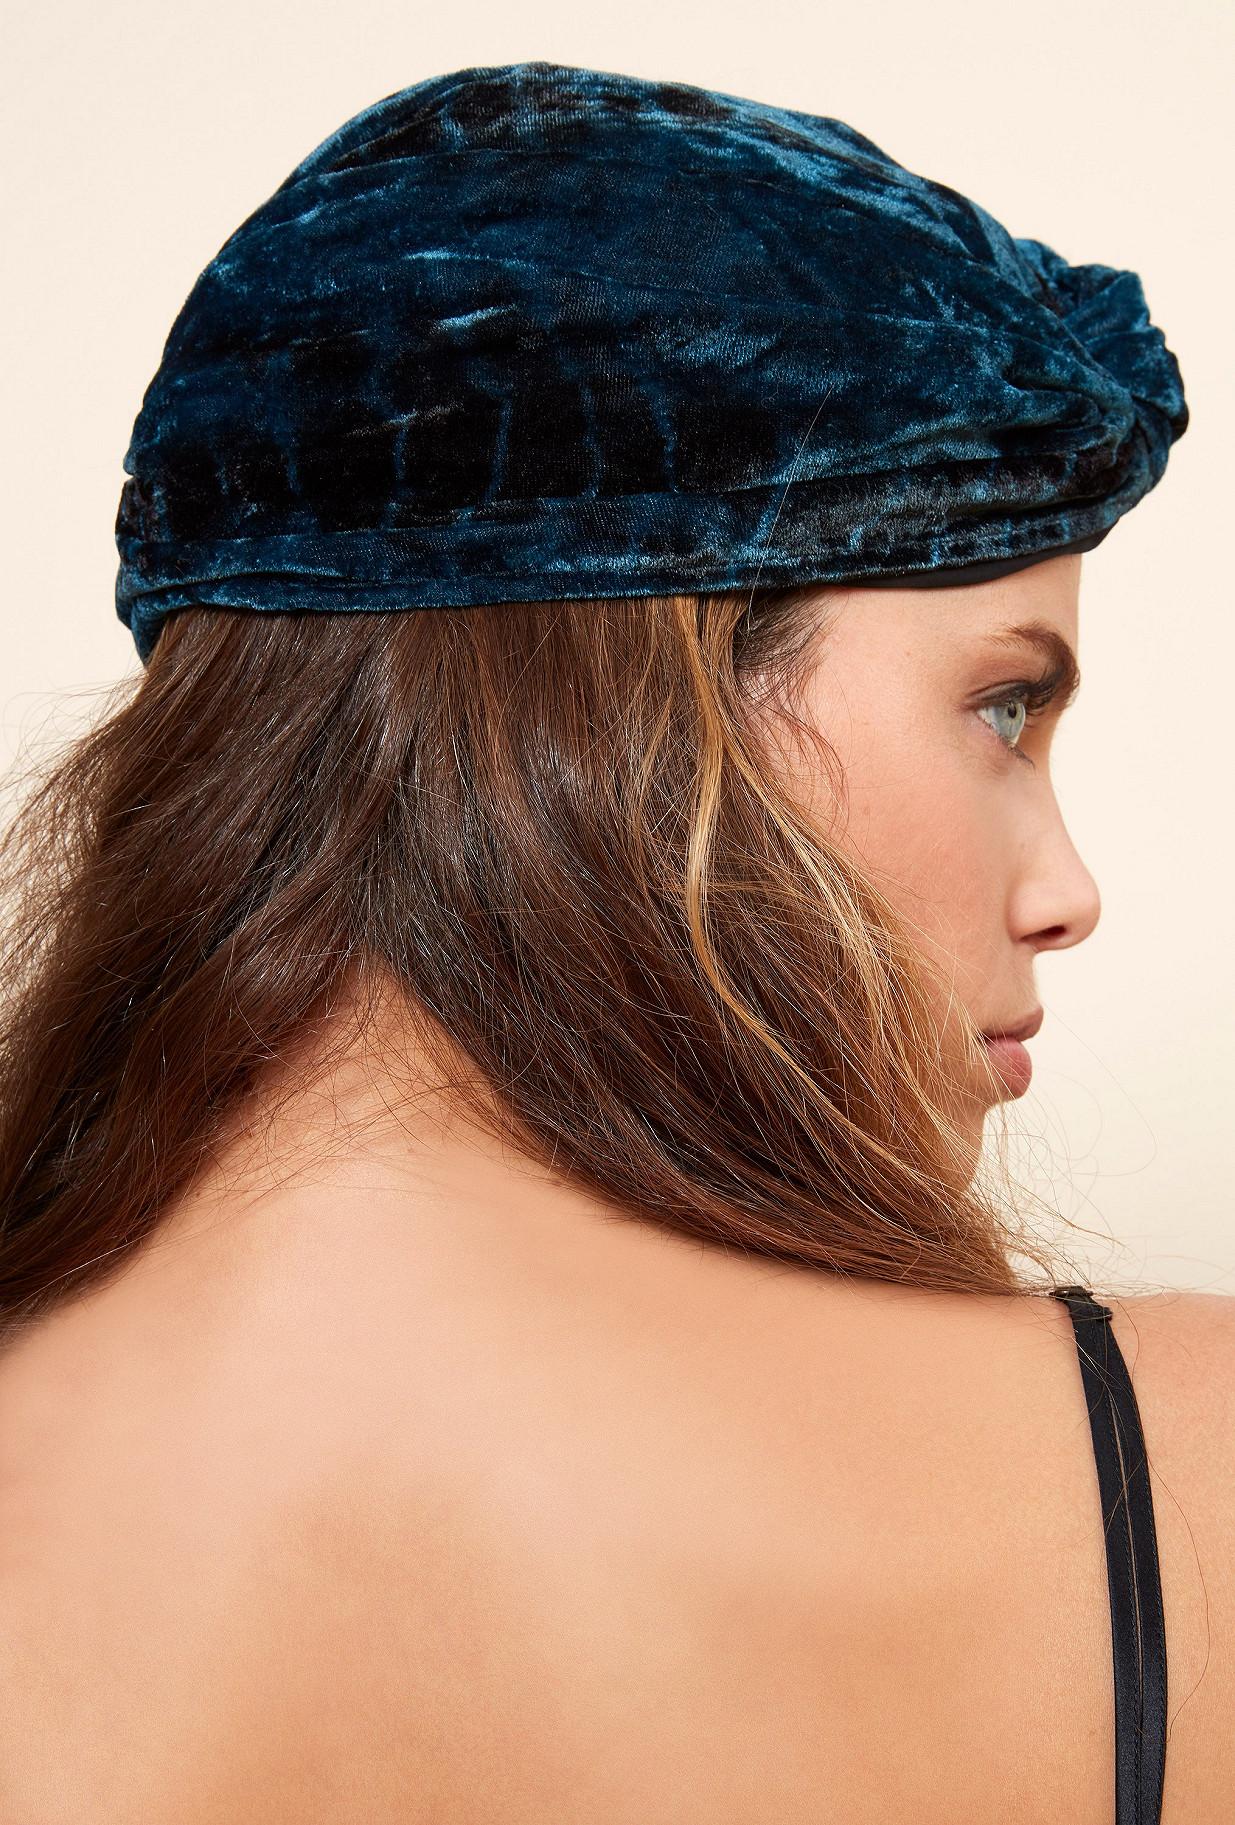 Blue  Scarf  Suez Mes demoiselles fashion clothes designer Paris